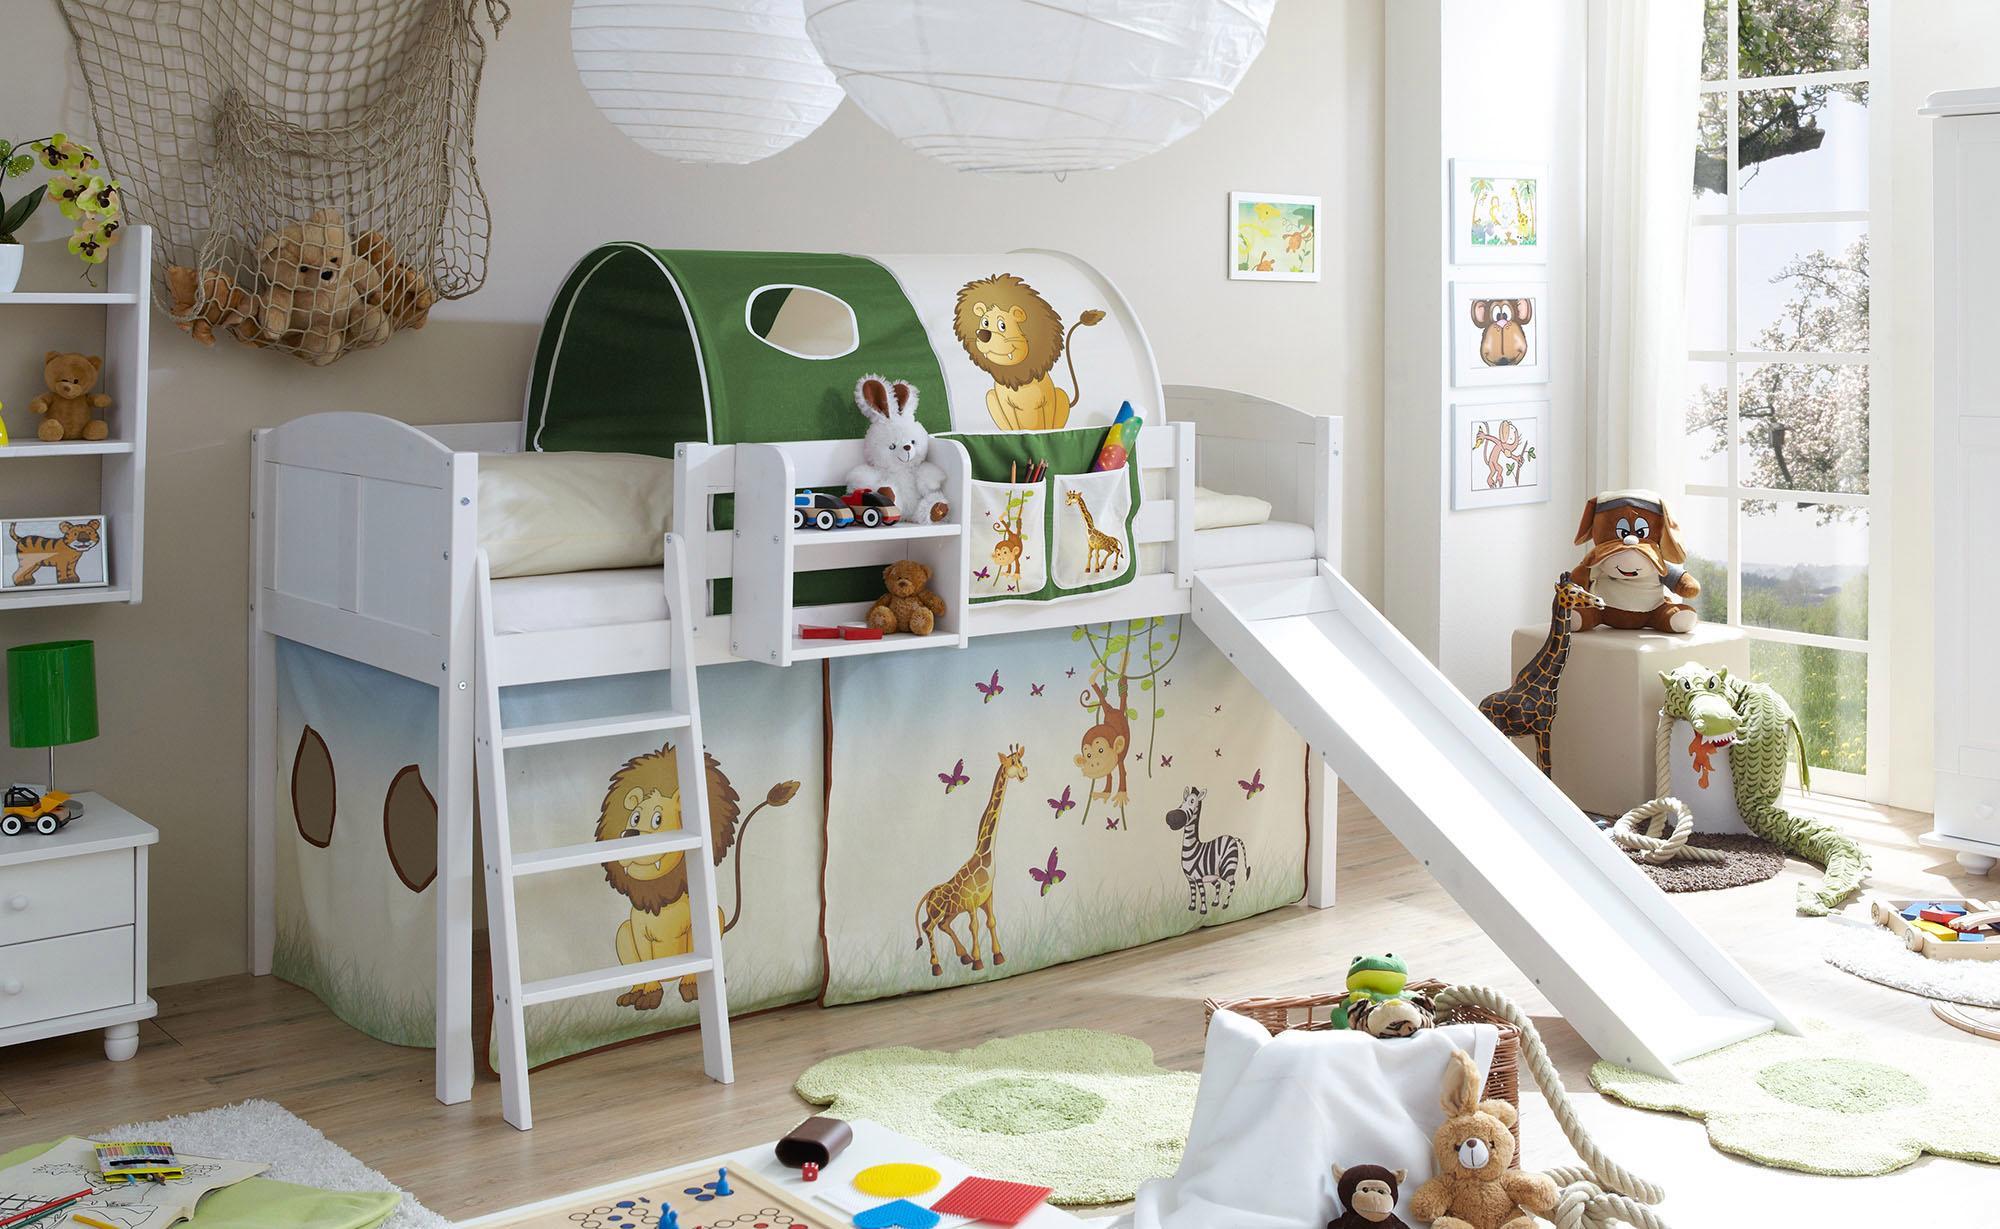 Ticaa Jugendzimmer-Set Ekki | Kinderzimmer > Jugendzimmer > Komplett-Jugendzimmer | Gelb | Ticaa